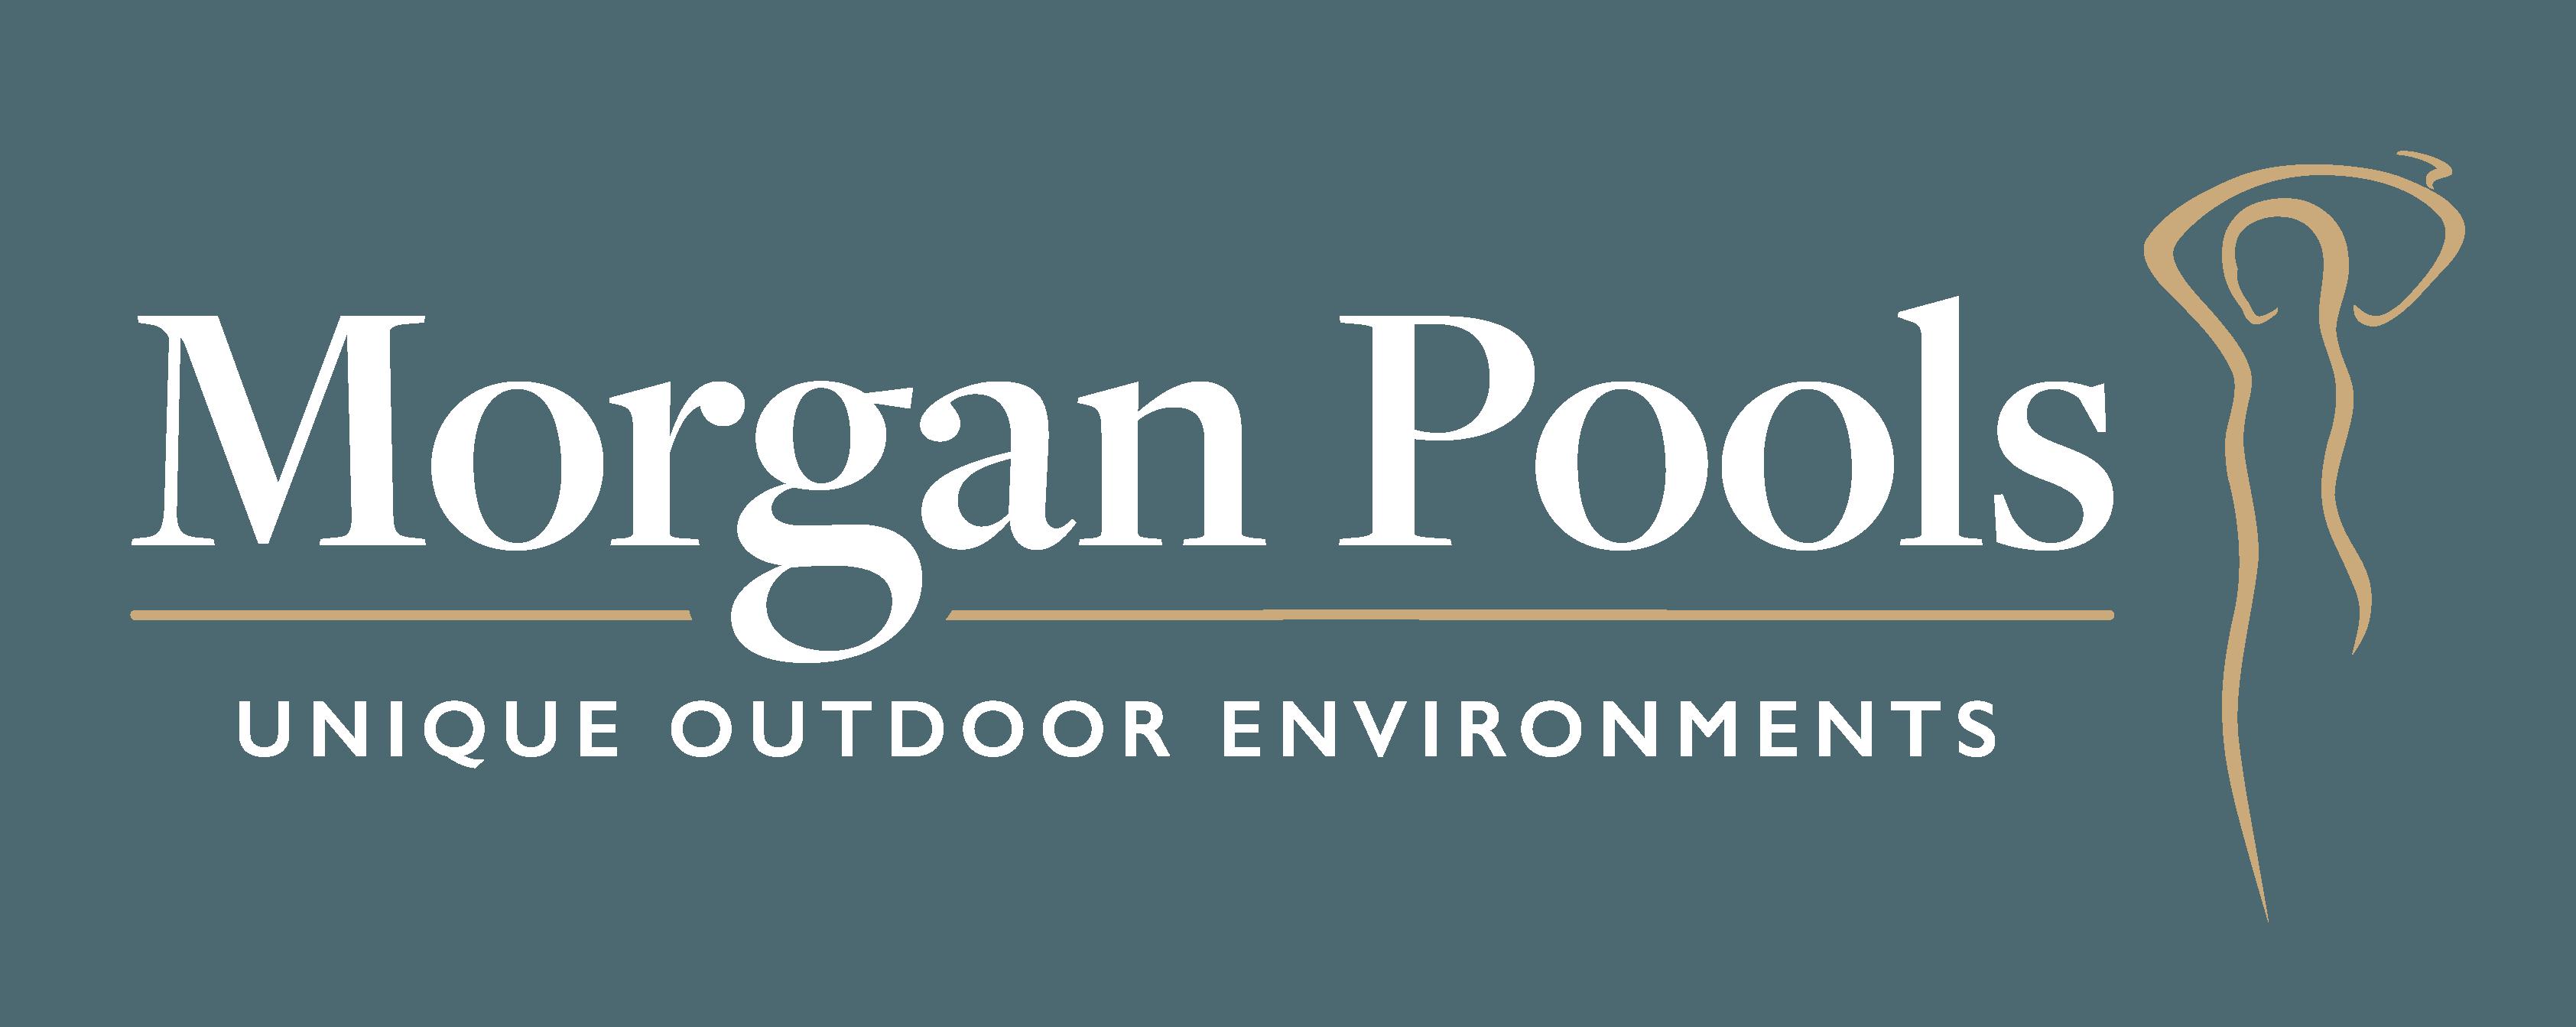 Morgan Pools Limited